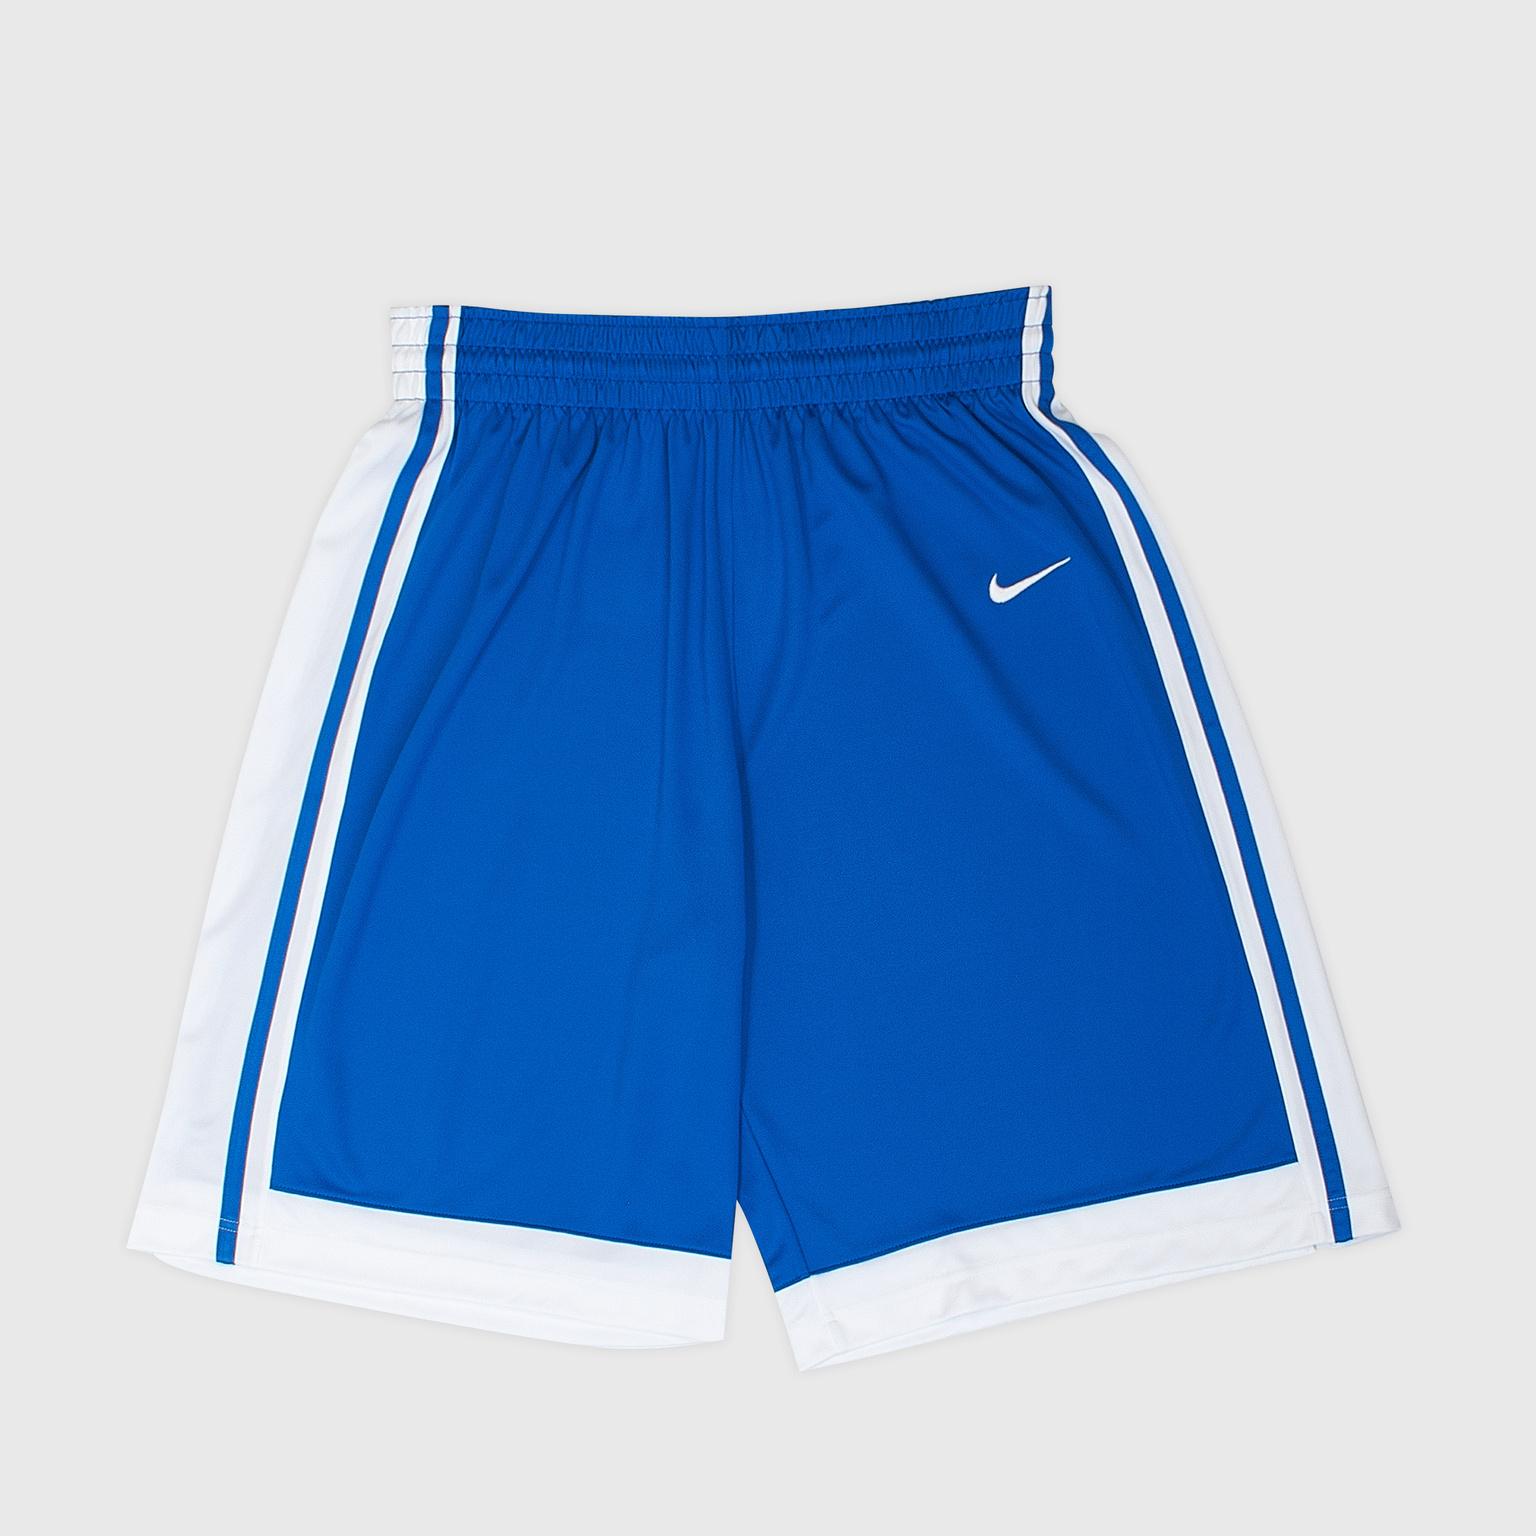 Игровые баскетбольные шорты Nike National 639400-494